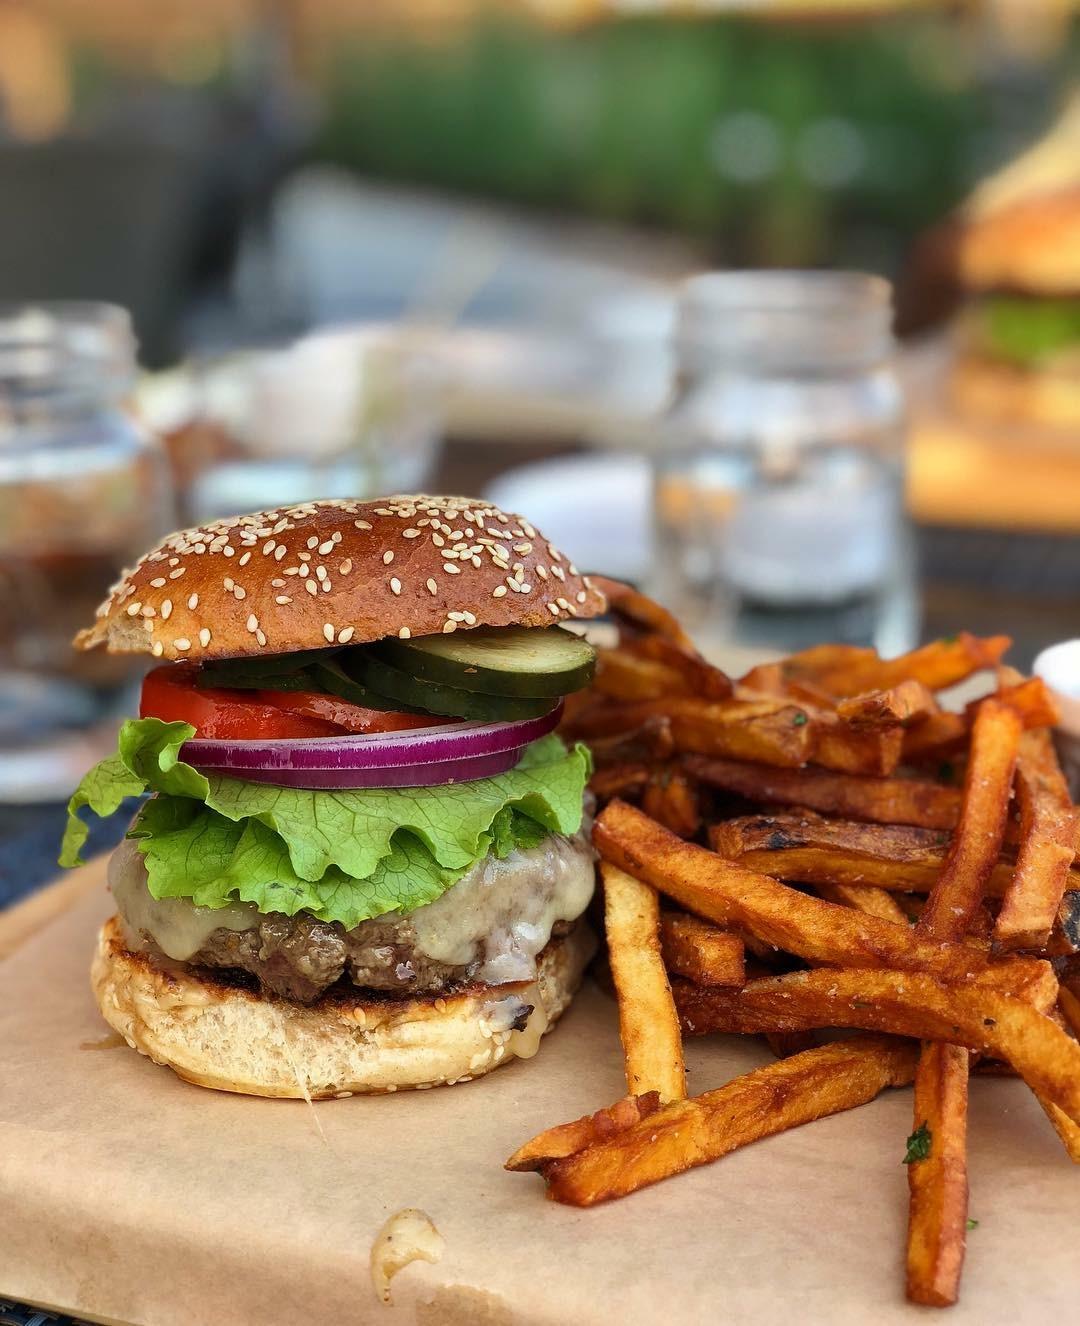 Burger at Native Eatery and Bar